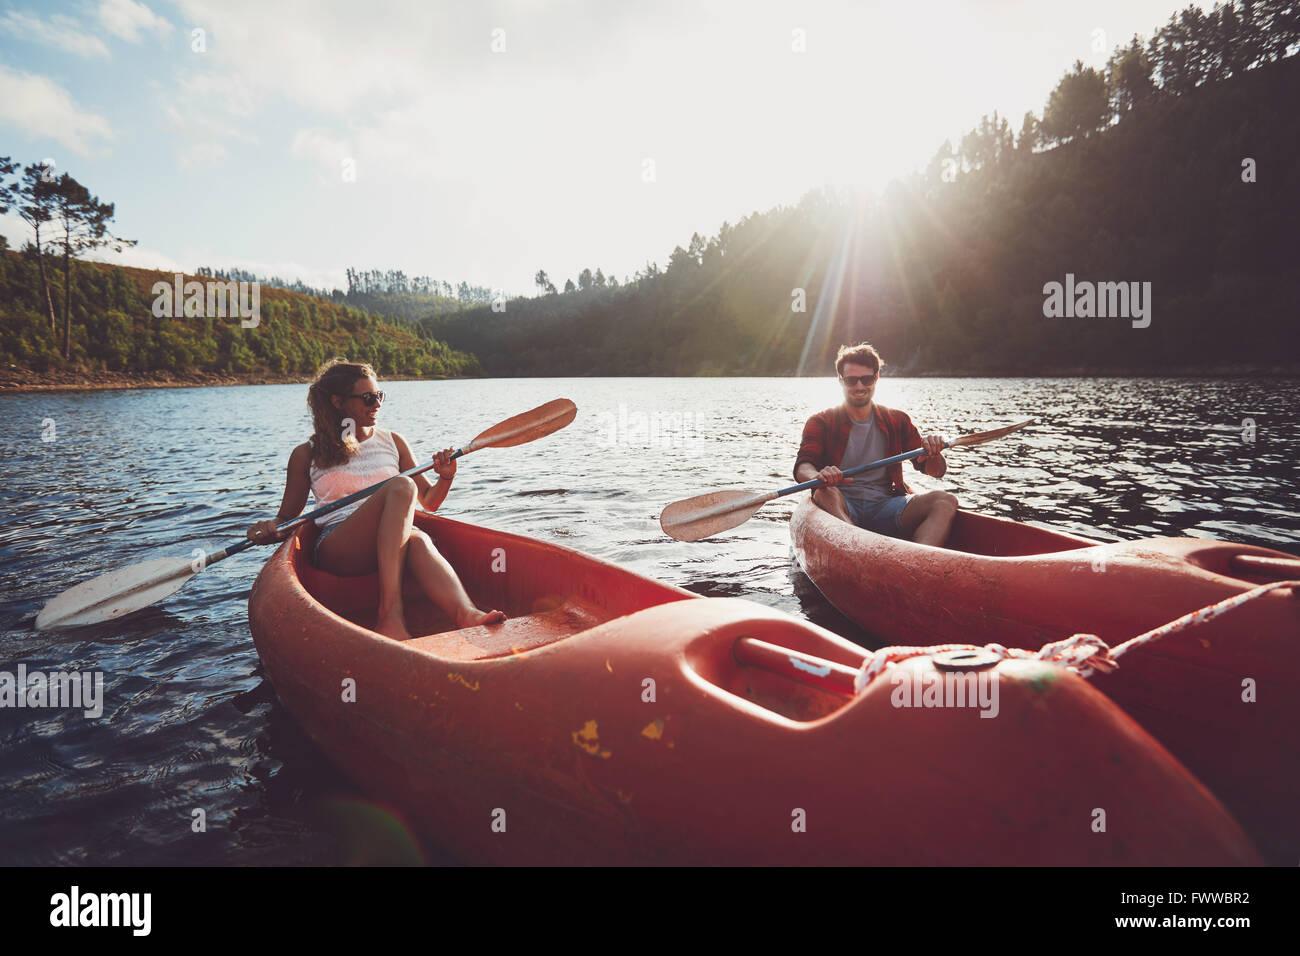 Jeune couple kayak sur un lac ensemble sur une journée d'été. L'homme et la femme canoë Photo Stock